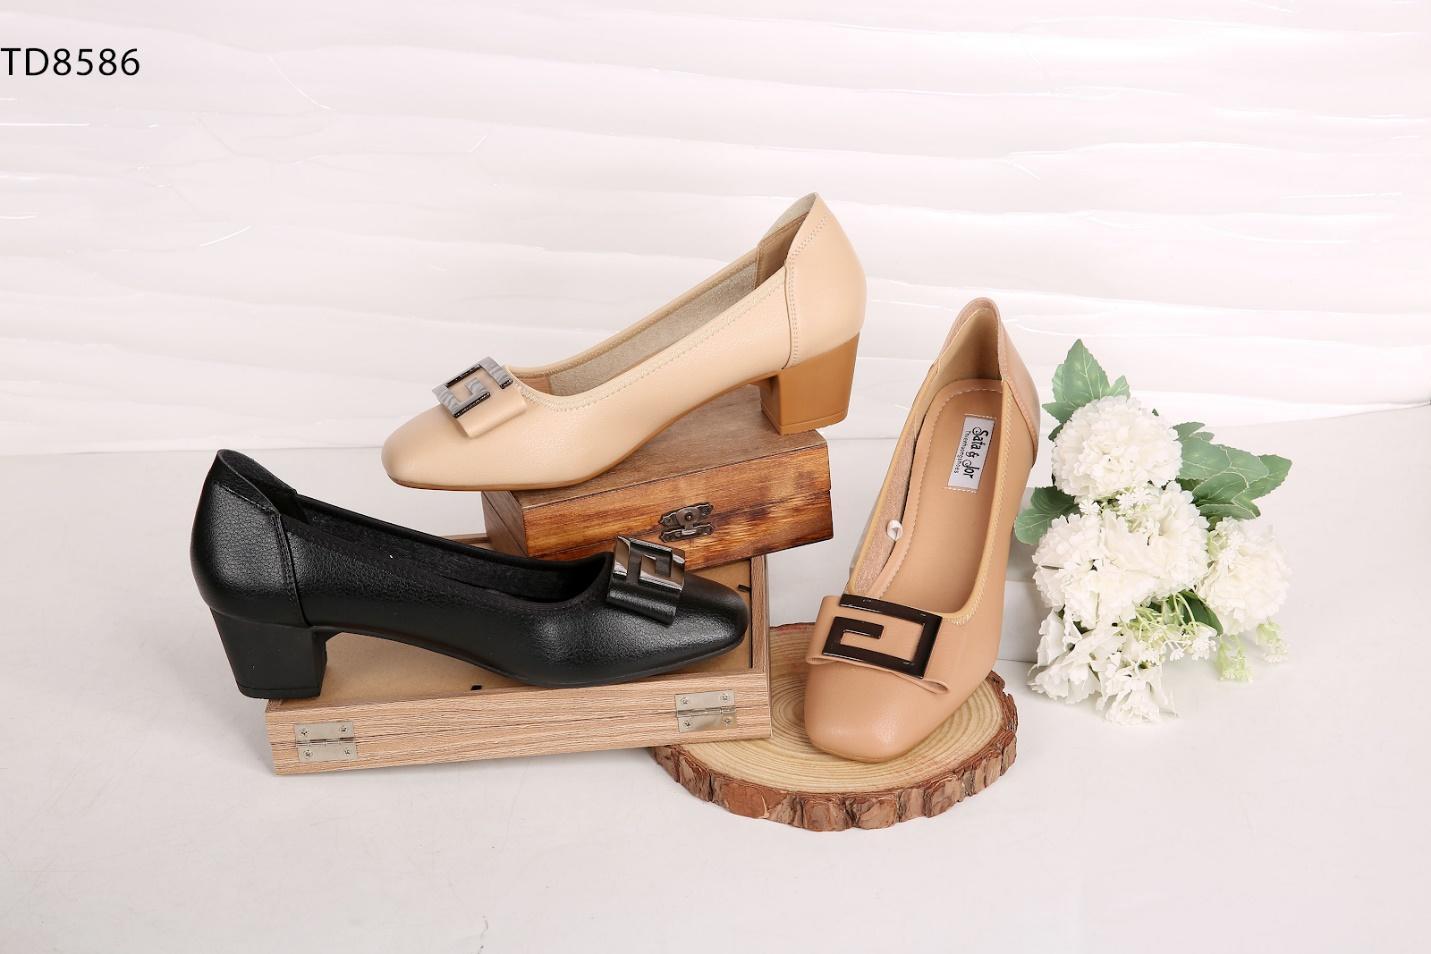 Lựa chọn nơi lý tưởng để sử dụng giày dép